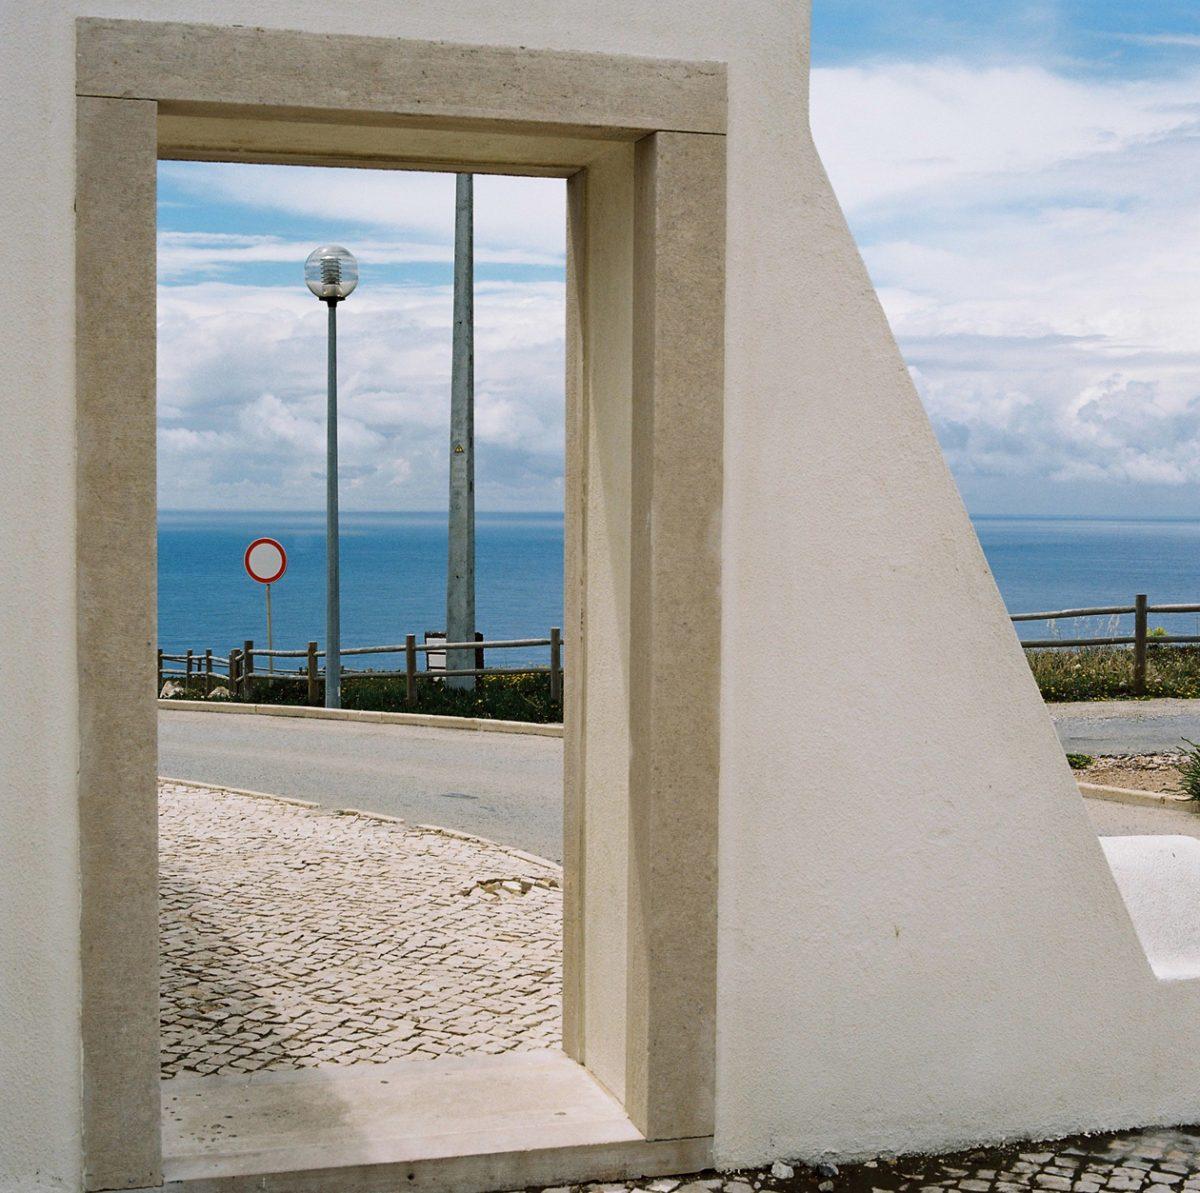 c-gilles-verneret-courtesy-galerie-francoise-besson